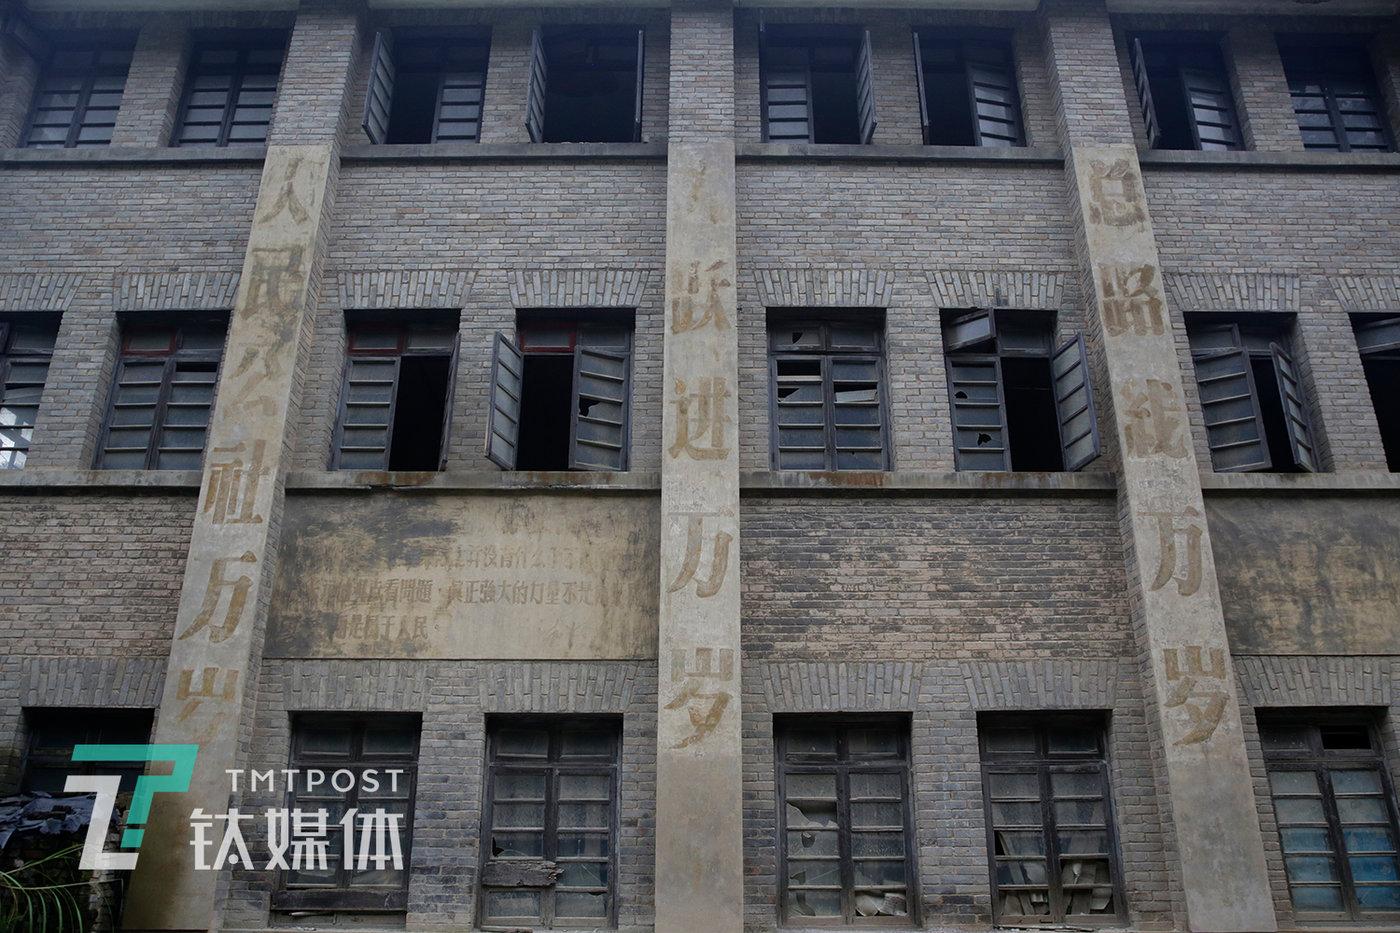 矿区的苏联专家楼,墙体上极具年代感的的标语。